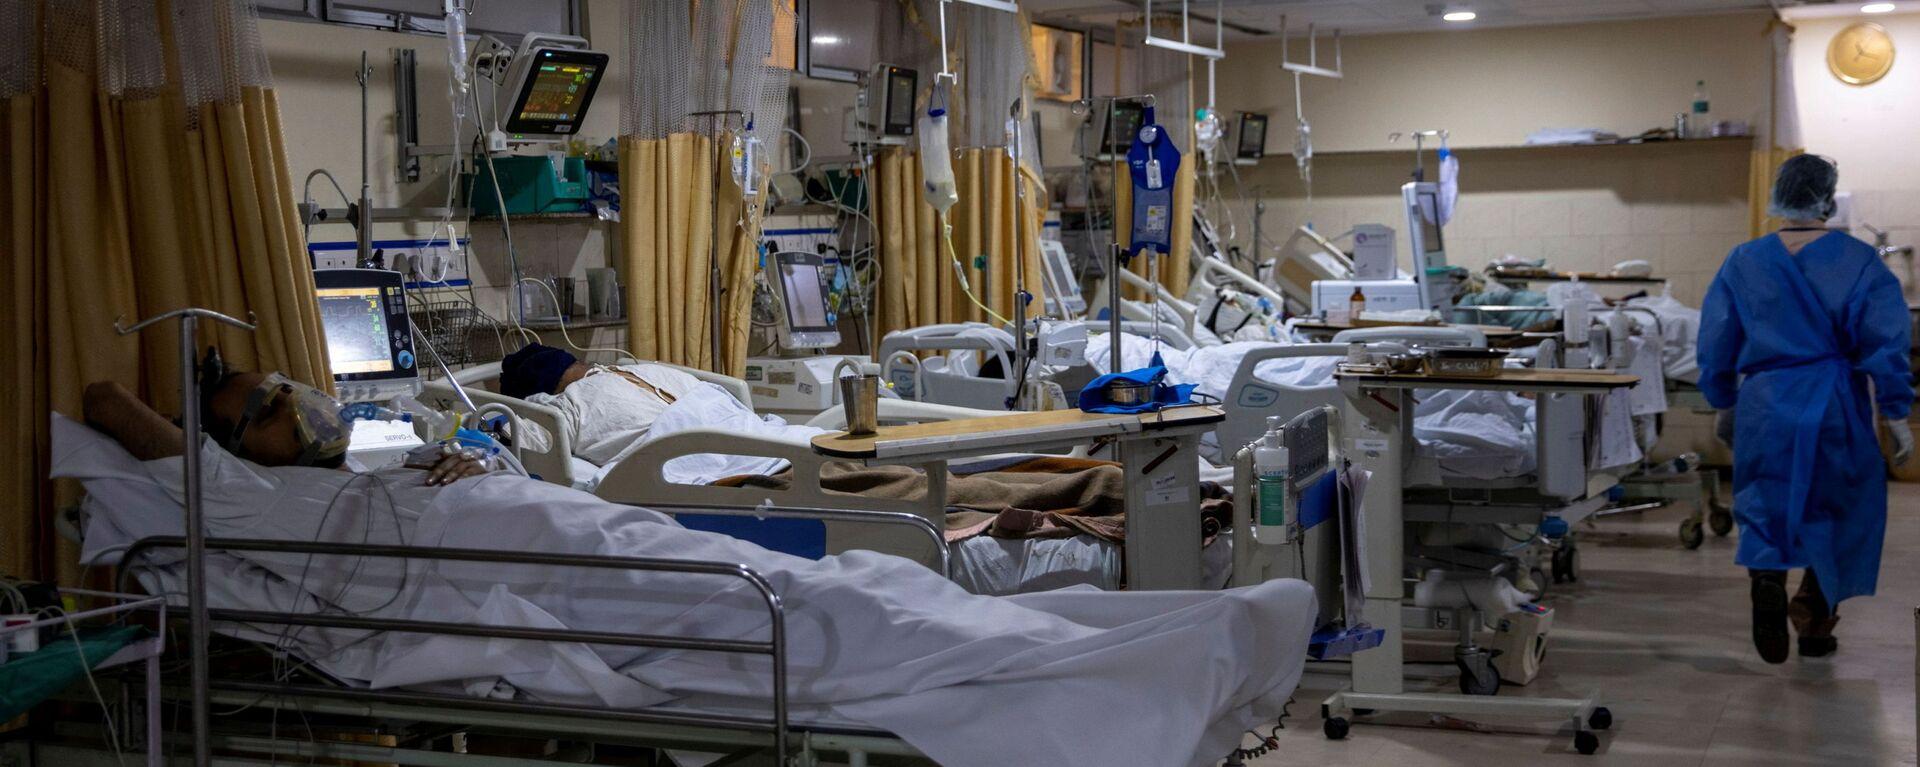 Malati di COVID-19 ricoverati nelle terapie intensive dell'ospedale Sacra Famiglia di Nuova Delhi in India - Sputnik Italia, 1920, 02.09.2021